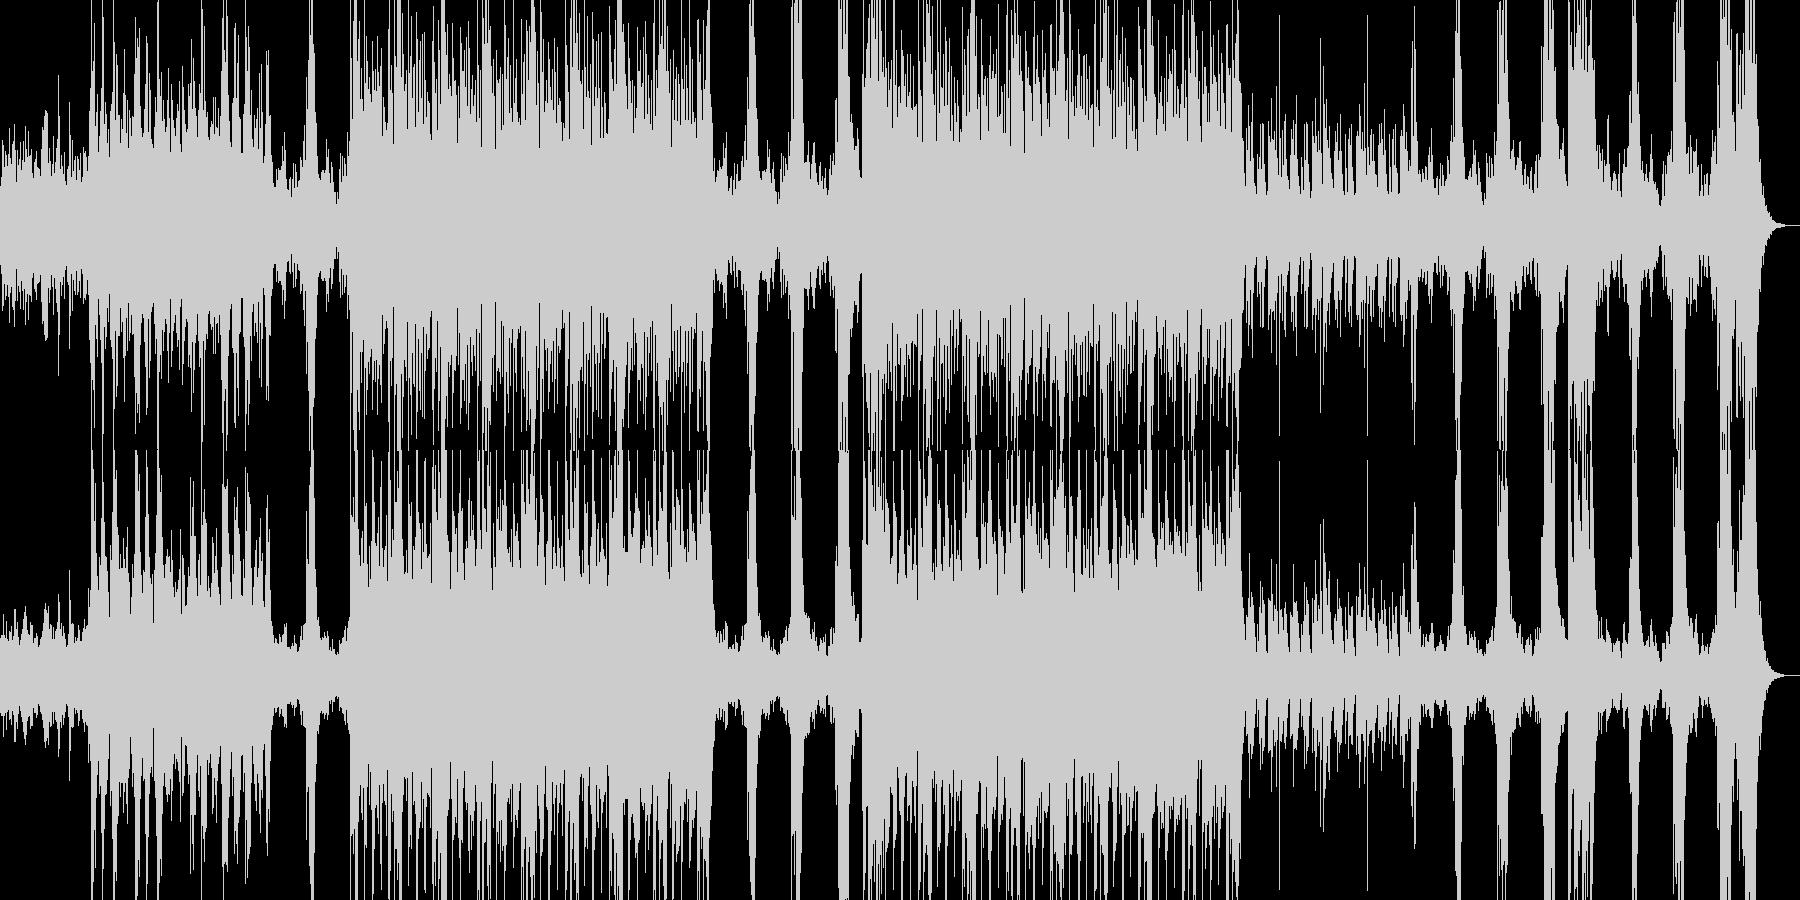 和太鼓/アンサンブル/和風/力強い/合奏の未再生の波形